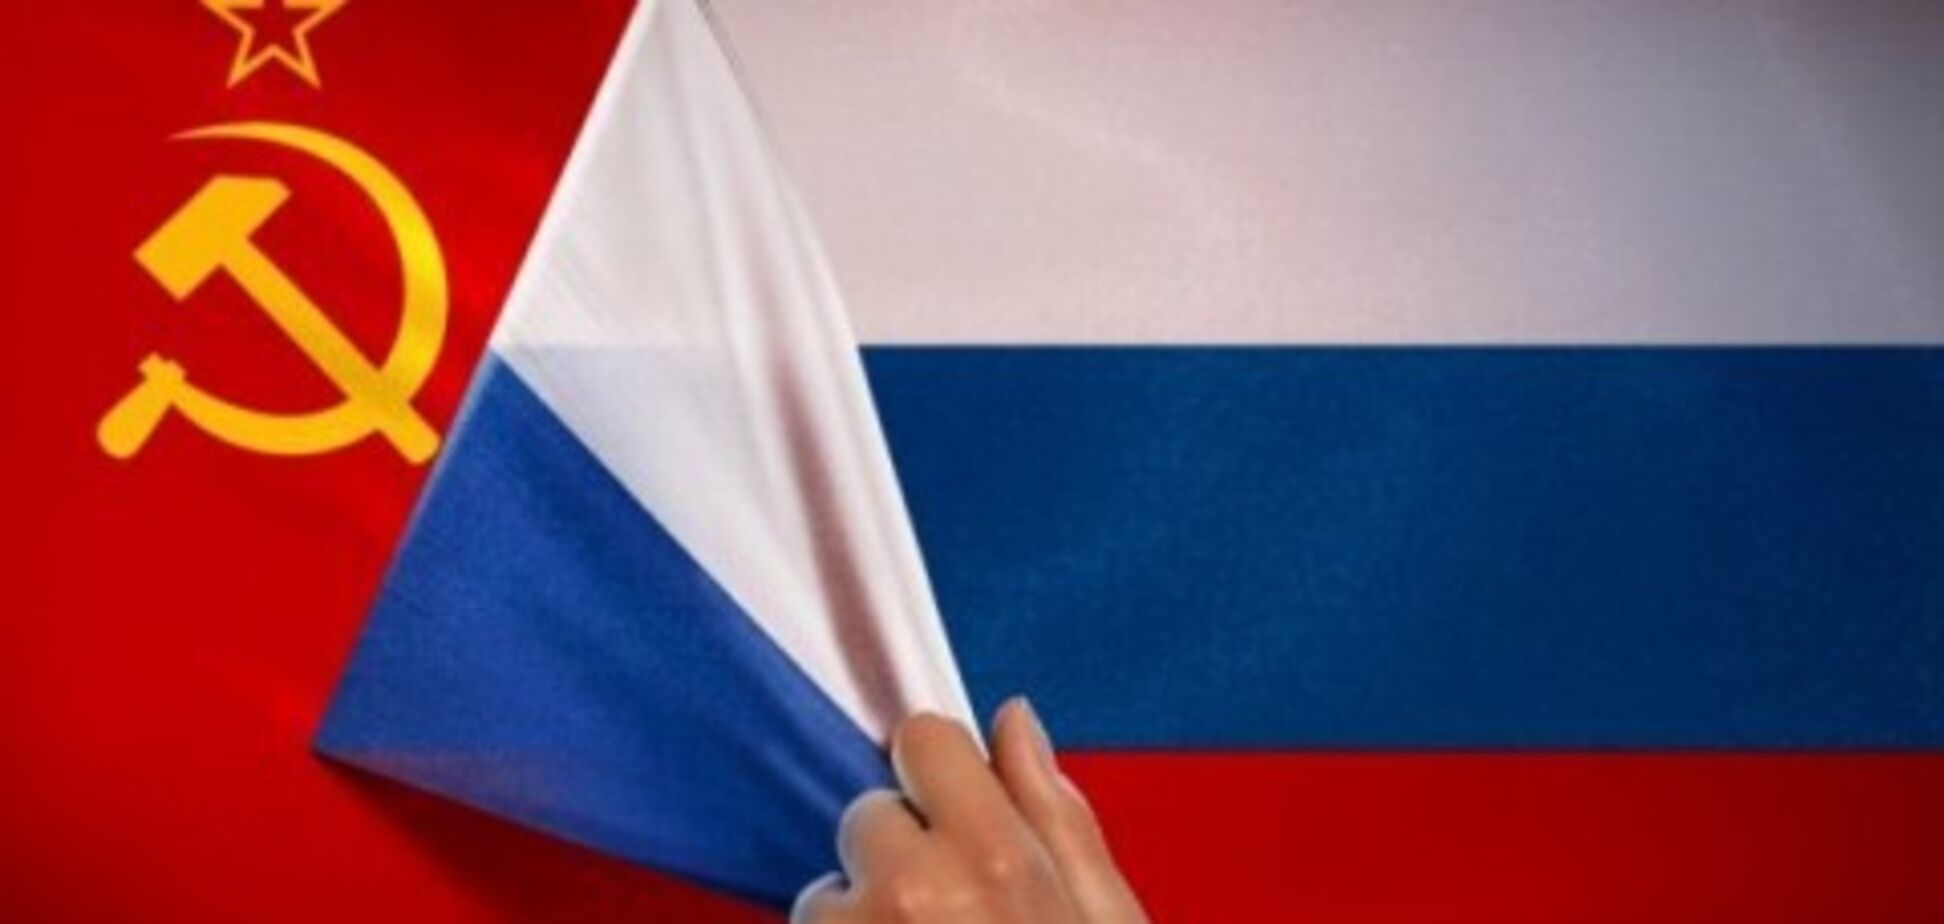 Як РФ стала правонаступником СРСР, якщо СРСР ніколи офіційно не створювали